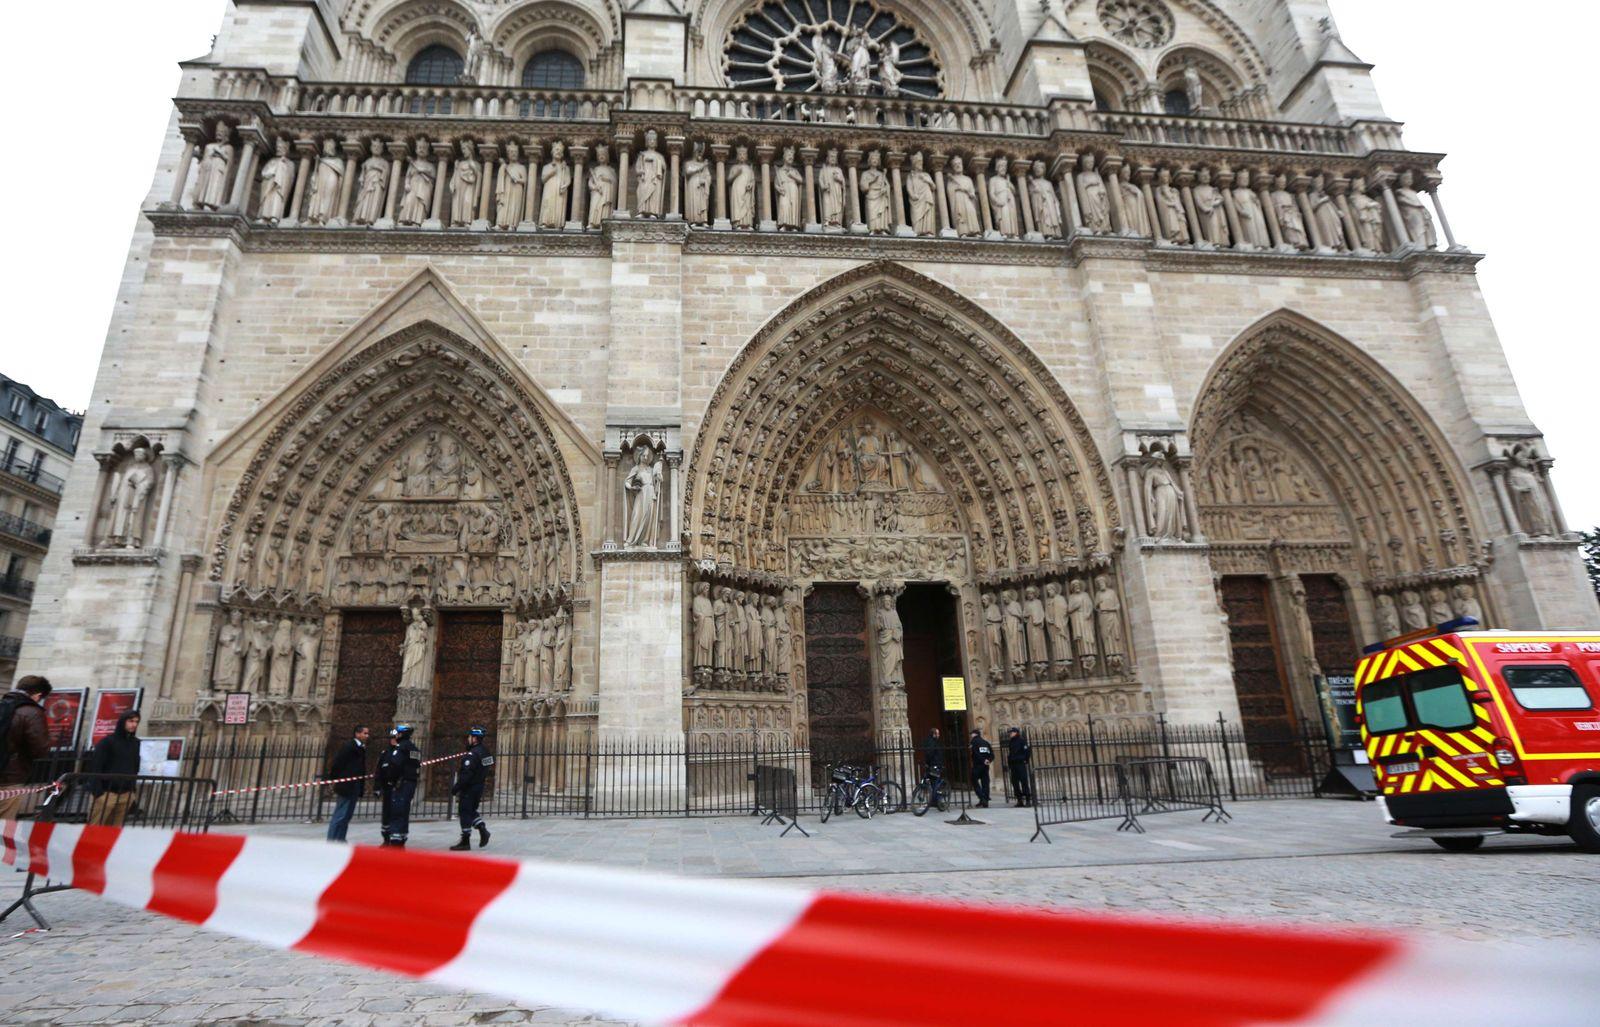 FRANCE-SUICIDE-RELIGION-TOURISM